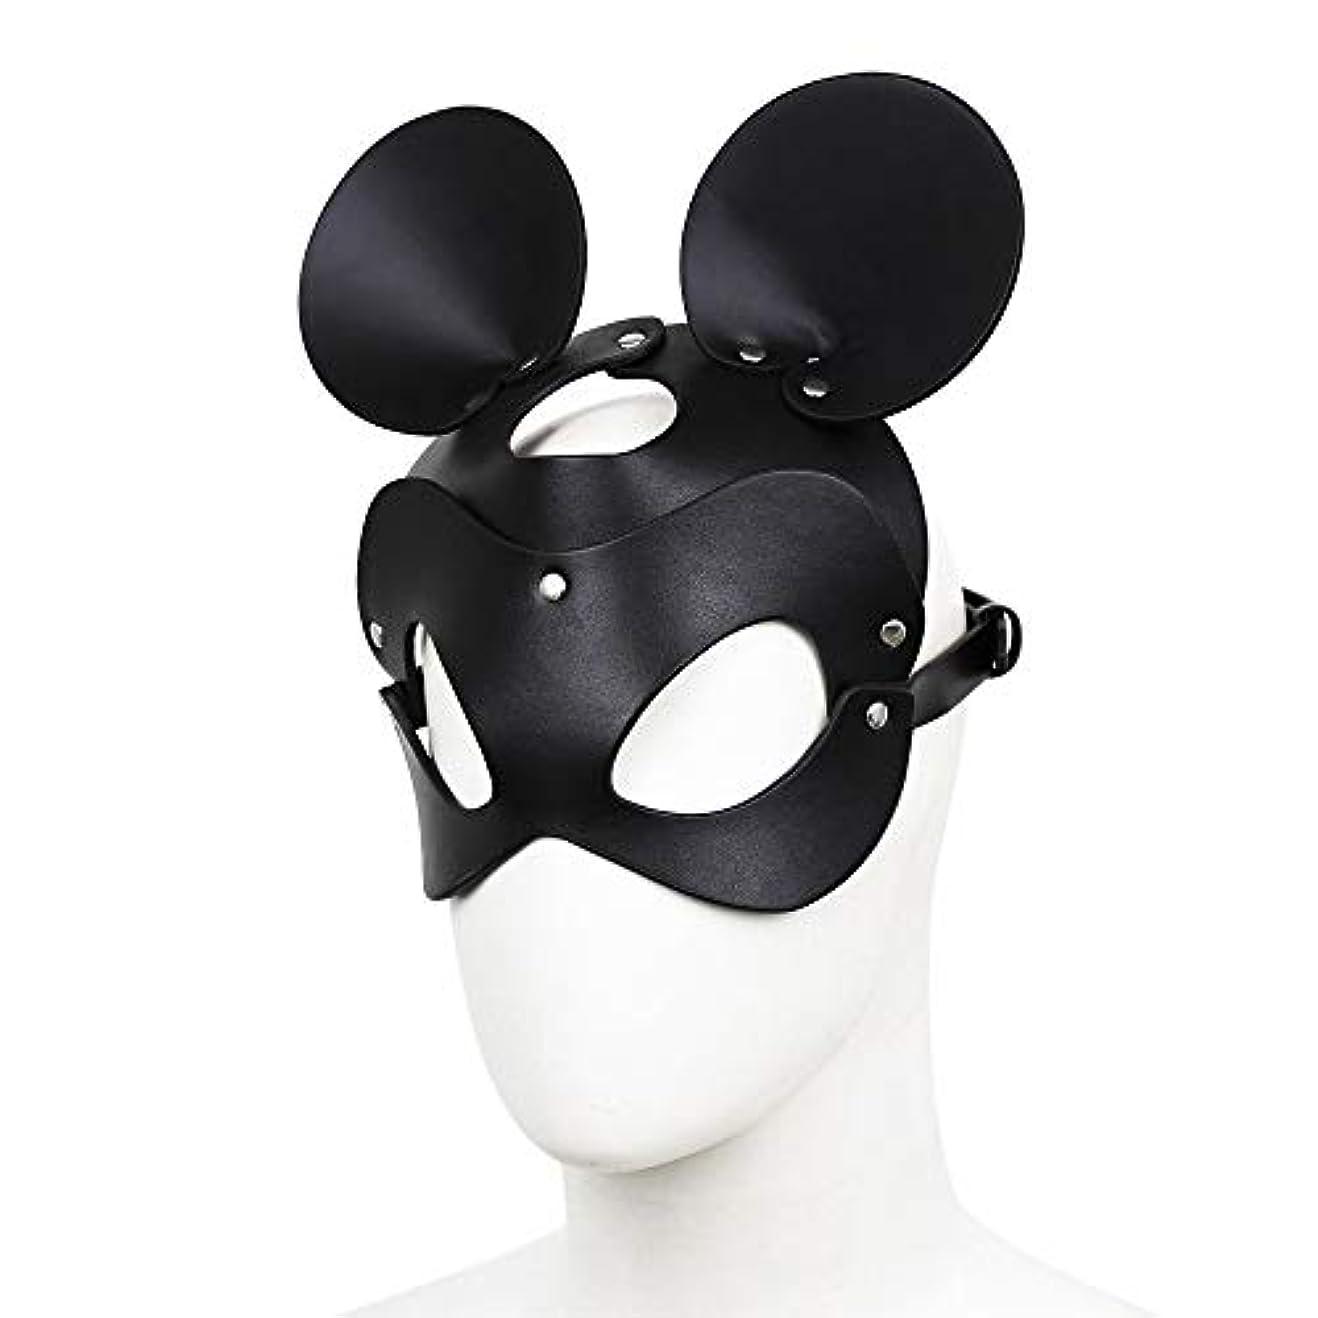 提供されたフィヨルドコーラスダンスマスク 男性と女性の大人のロールプレイングブラックレザーマスクラウンドロングイヤーナイトクラブマスク ホリデーパーティー用品 (色 : ブラック, サイズ : 20x17cm)